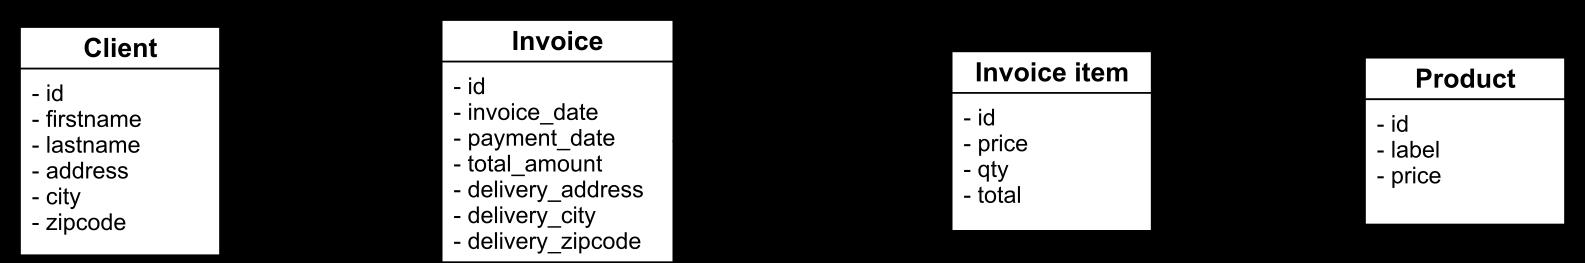 cassandra-facture-uml-model